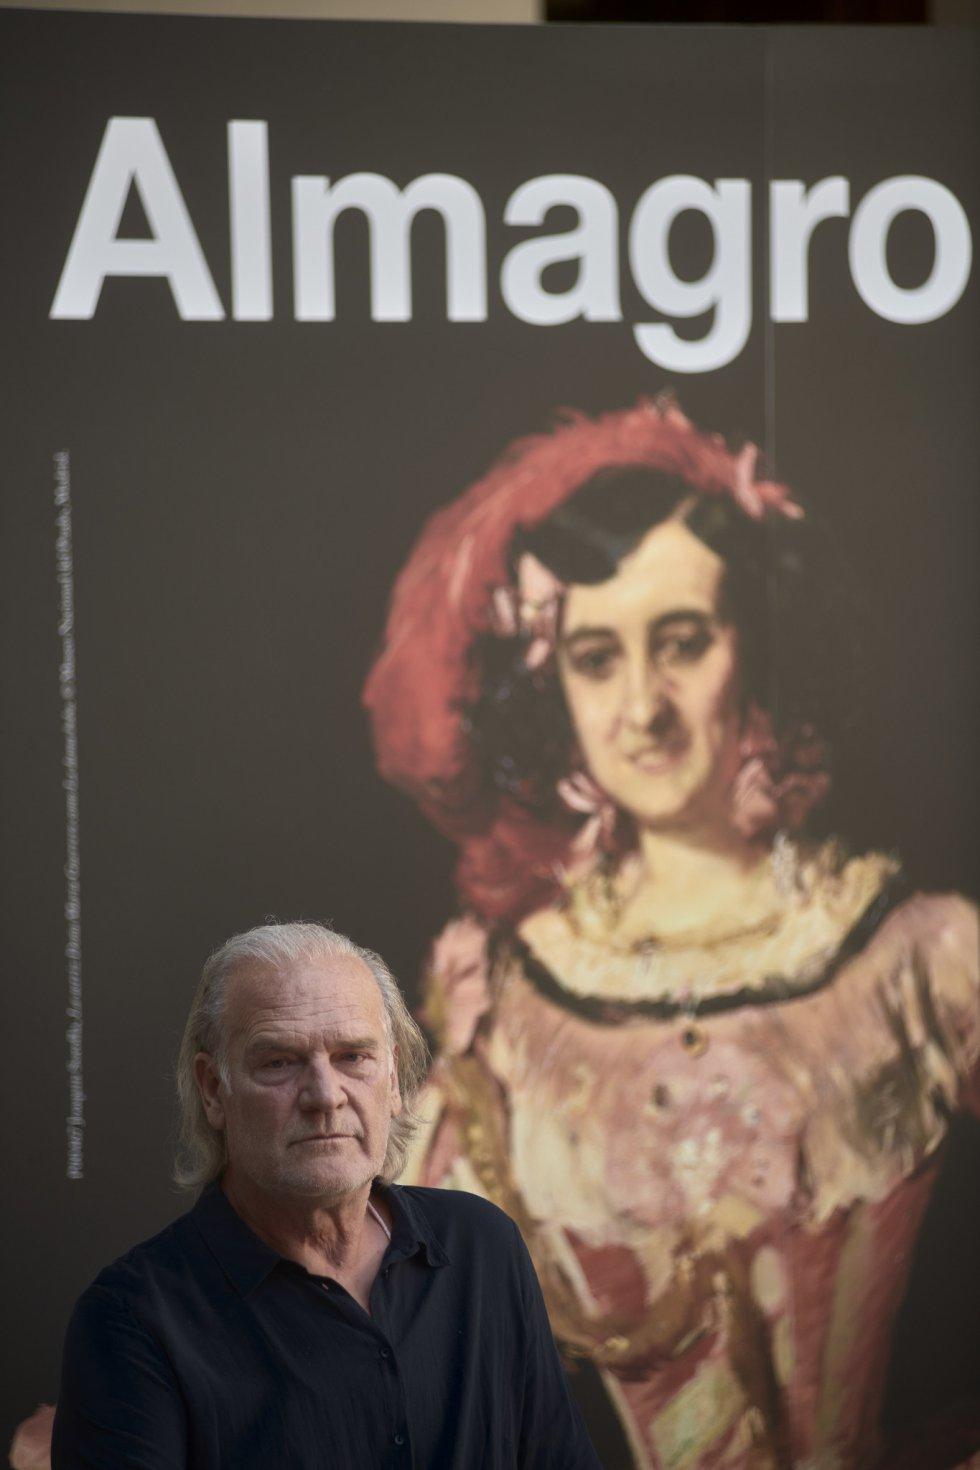 Lluís Homar junto al cartel oficial del Festival de Almagro